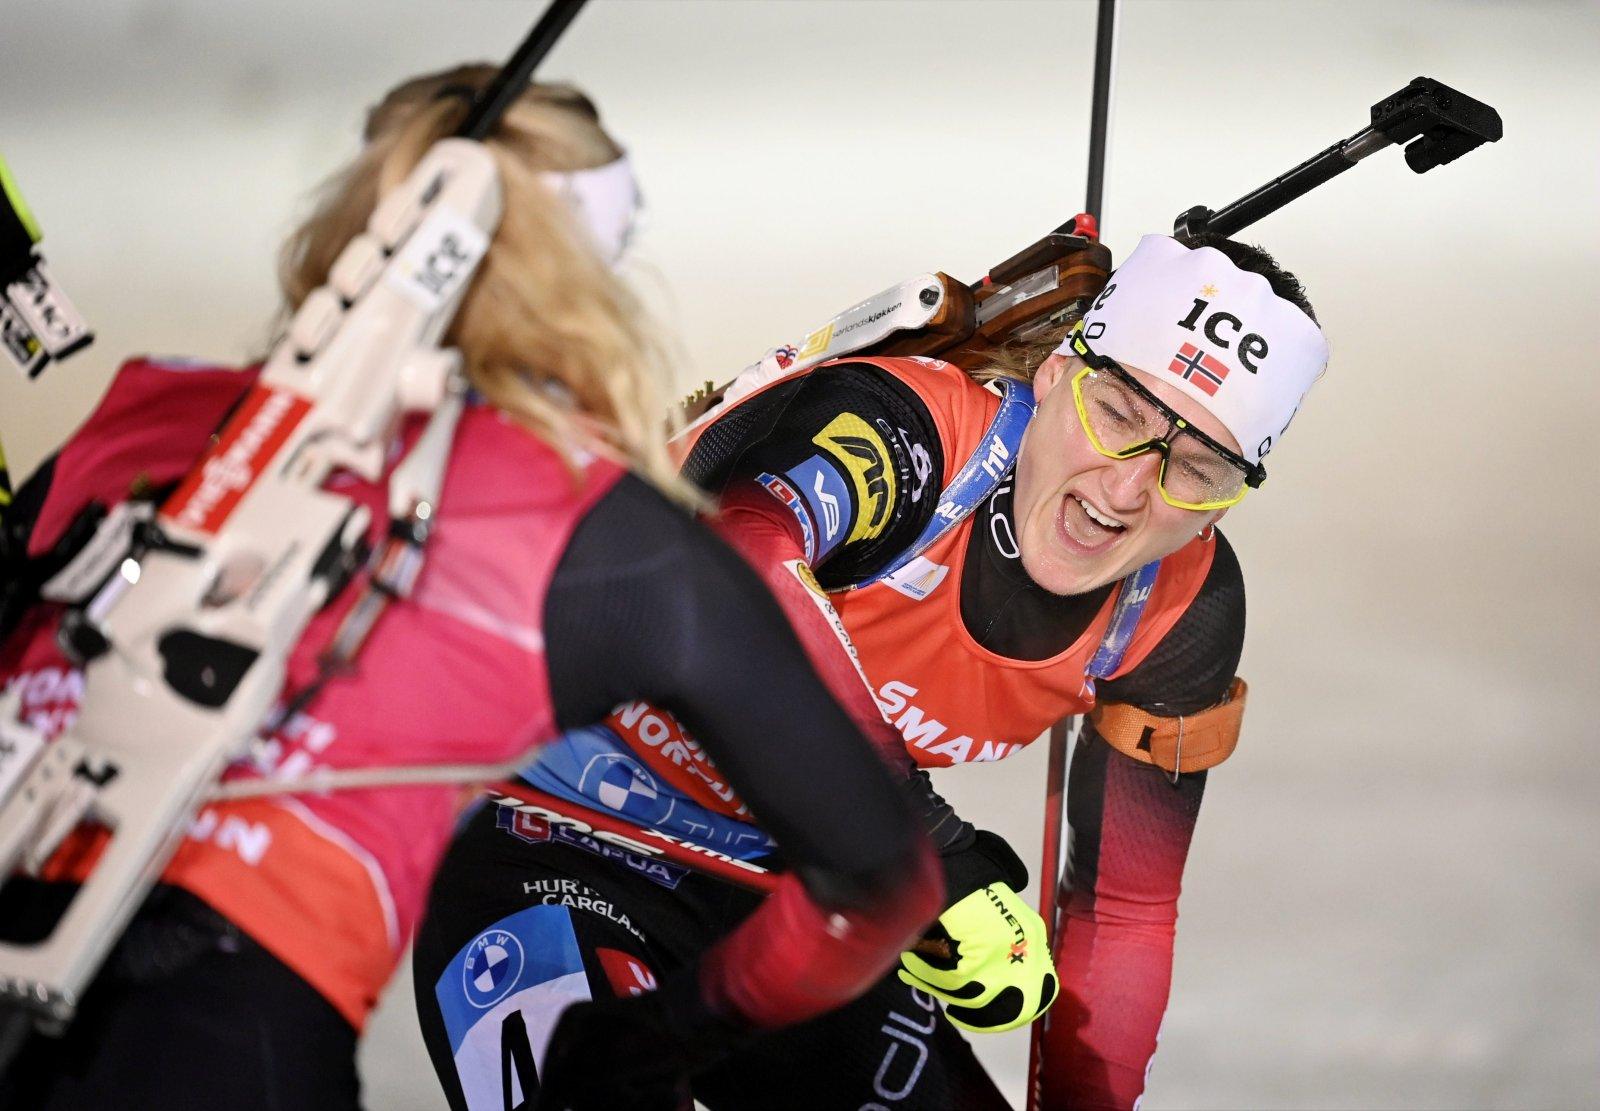 Röiseland hoidis ühisstardiga sõidus ära Eckhoffi kolmikvõidu